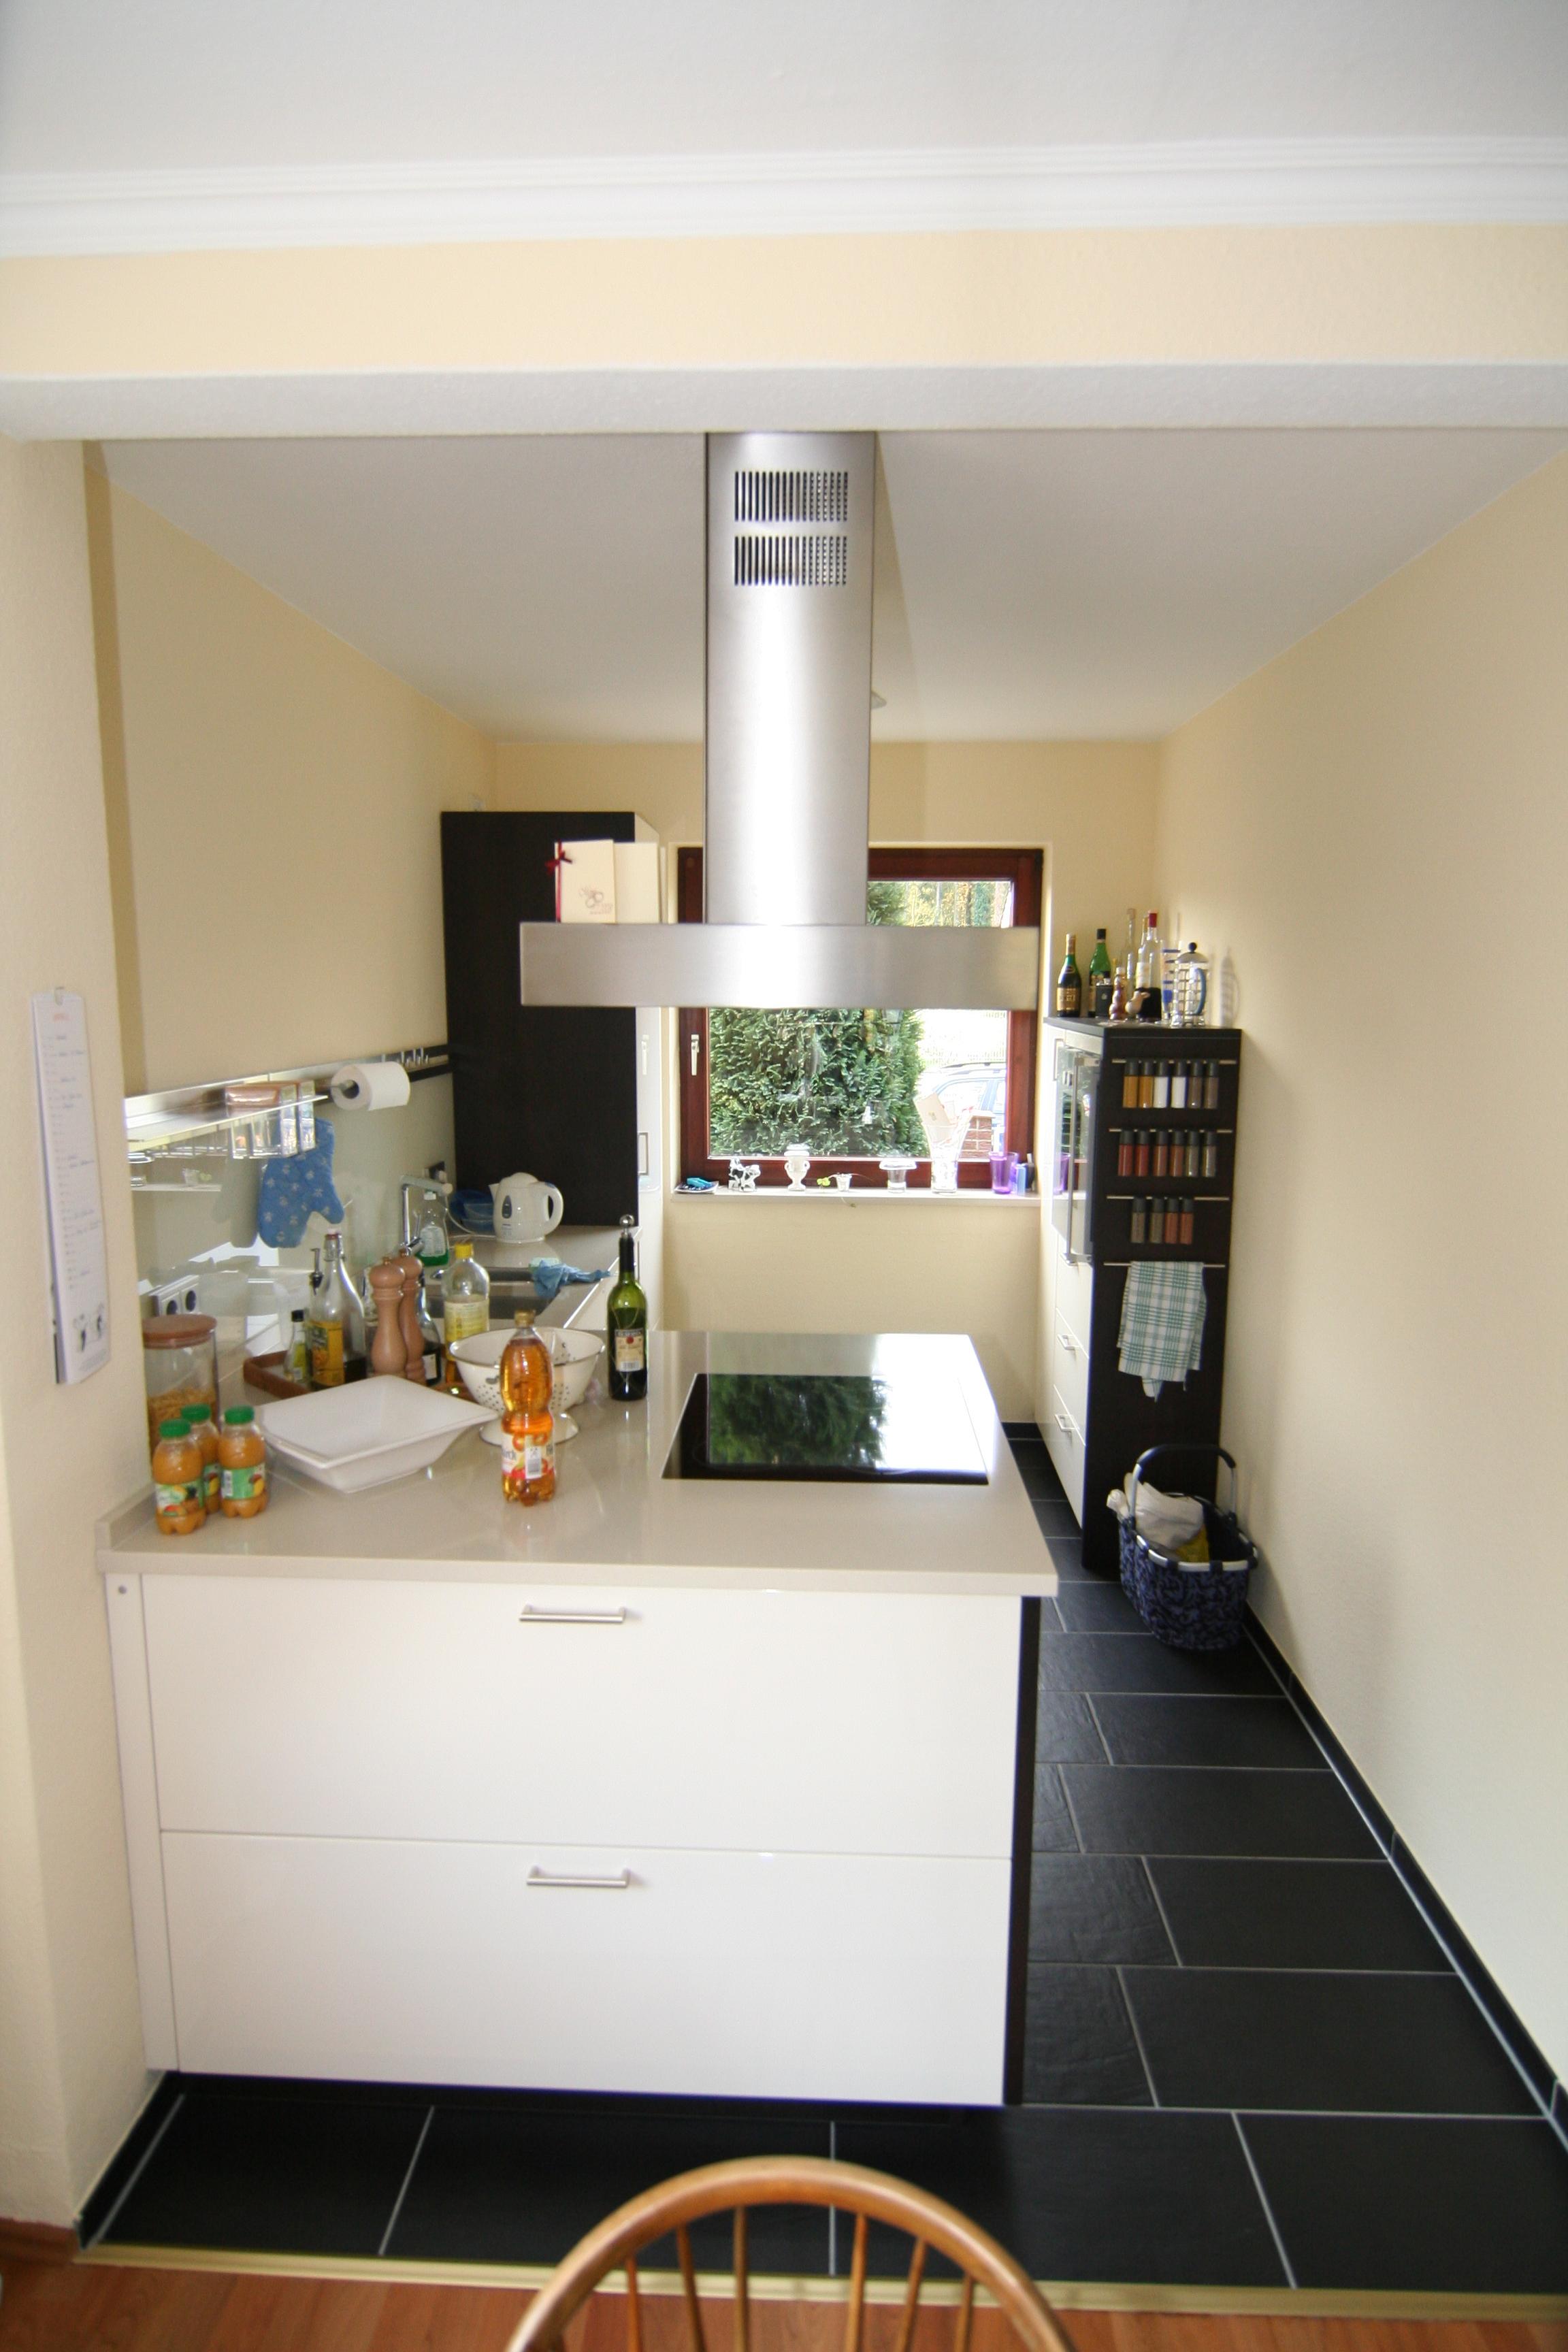 Groß Küche Layout Für Kleinen Raum Galerie Küchen Design Ideen